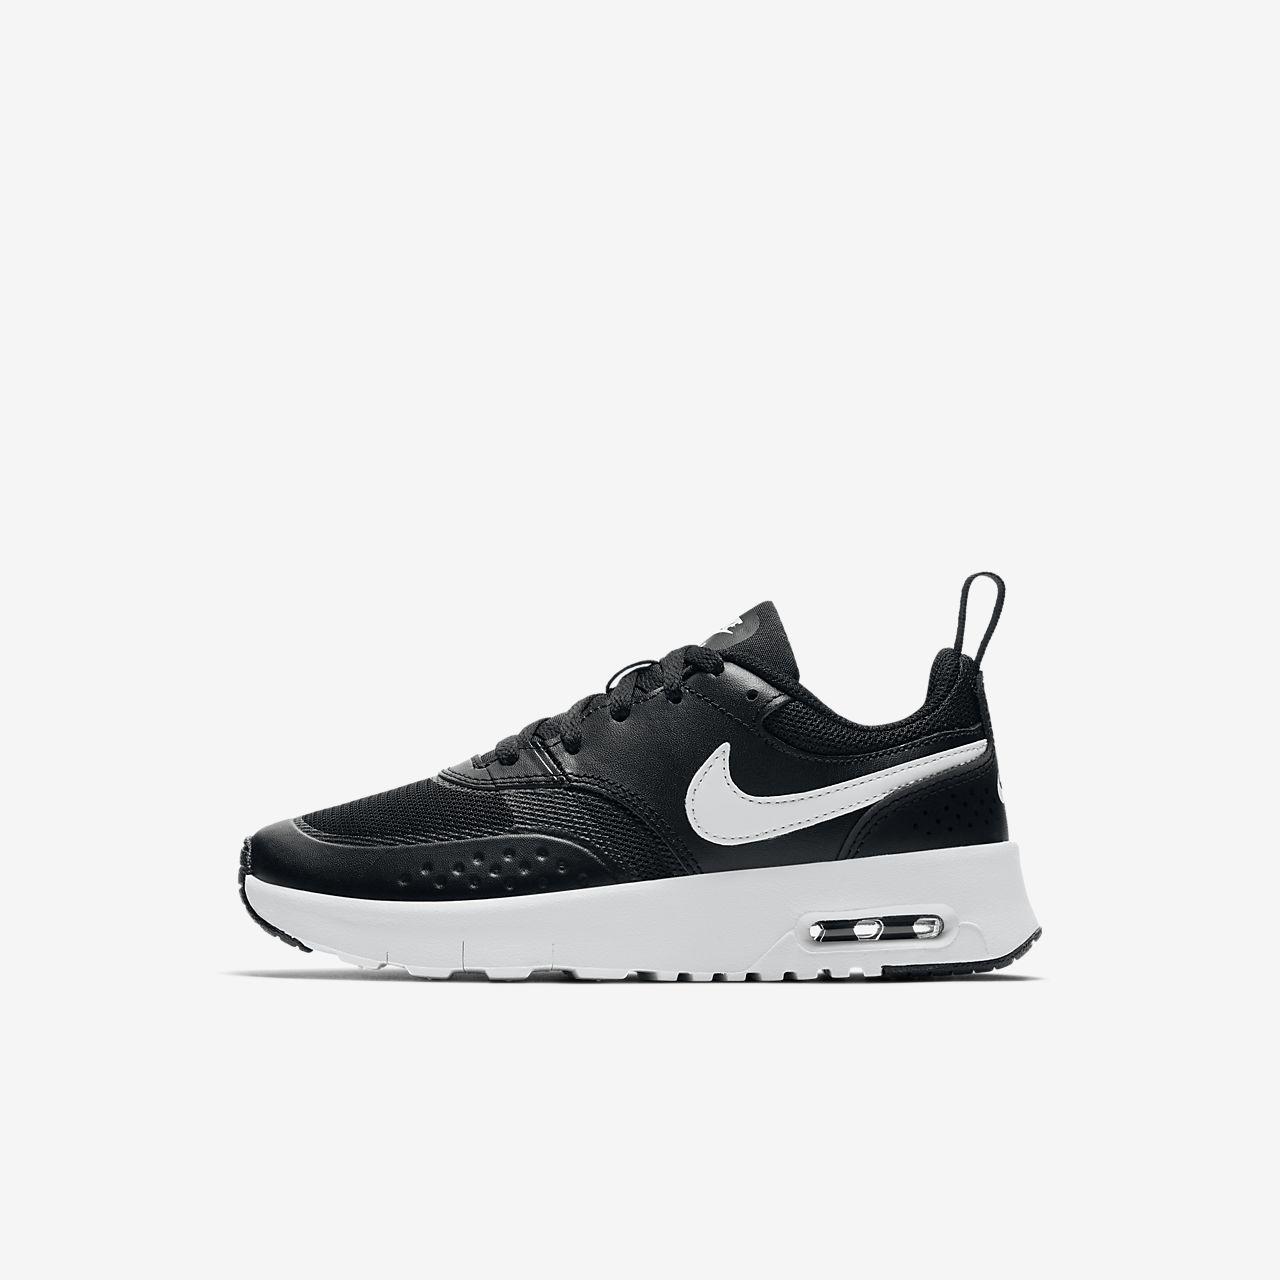 ... Chaussure Nike Air Max Vision pour Jeune enfant